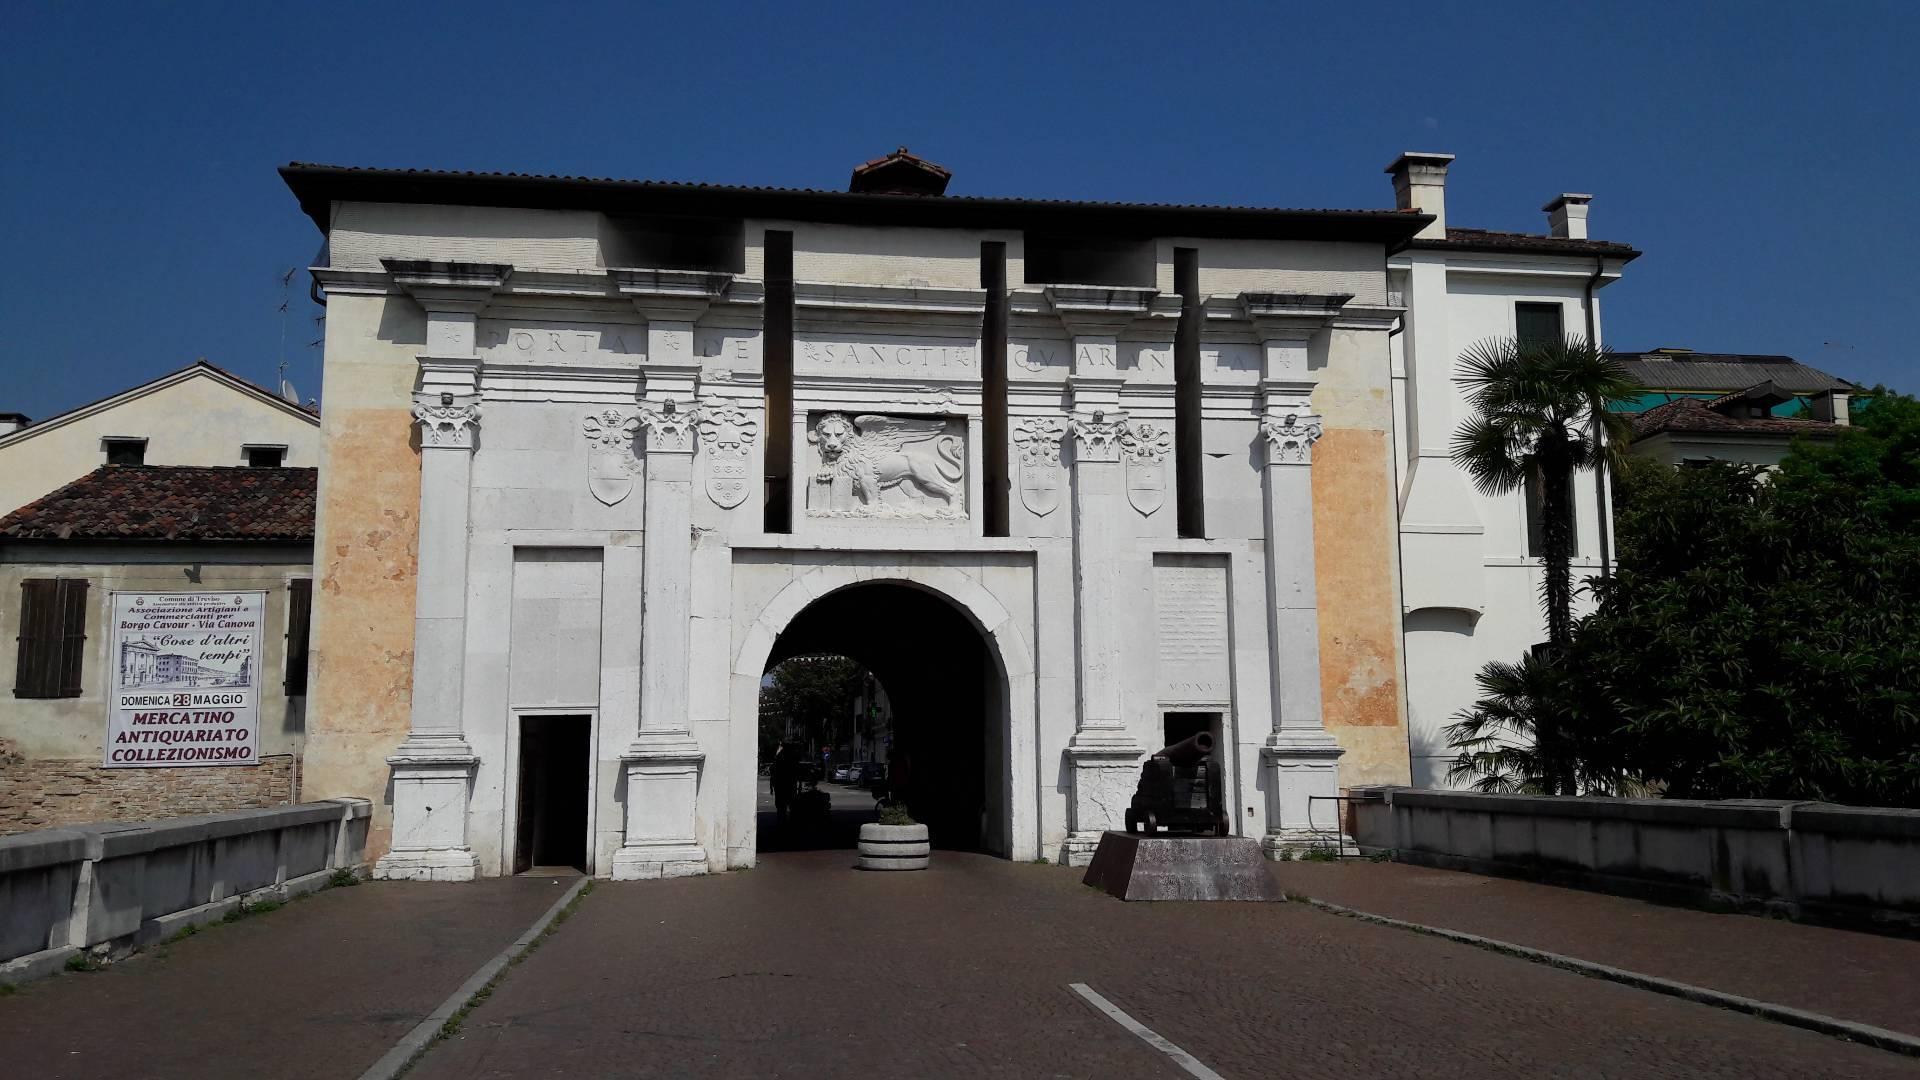 Appartamento in affitto a Intorno Mura, Treviso (TV)